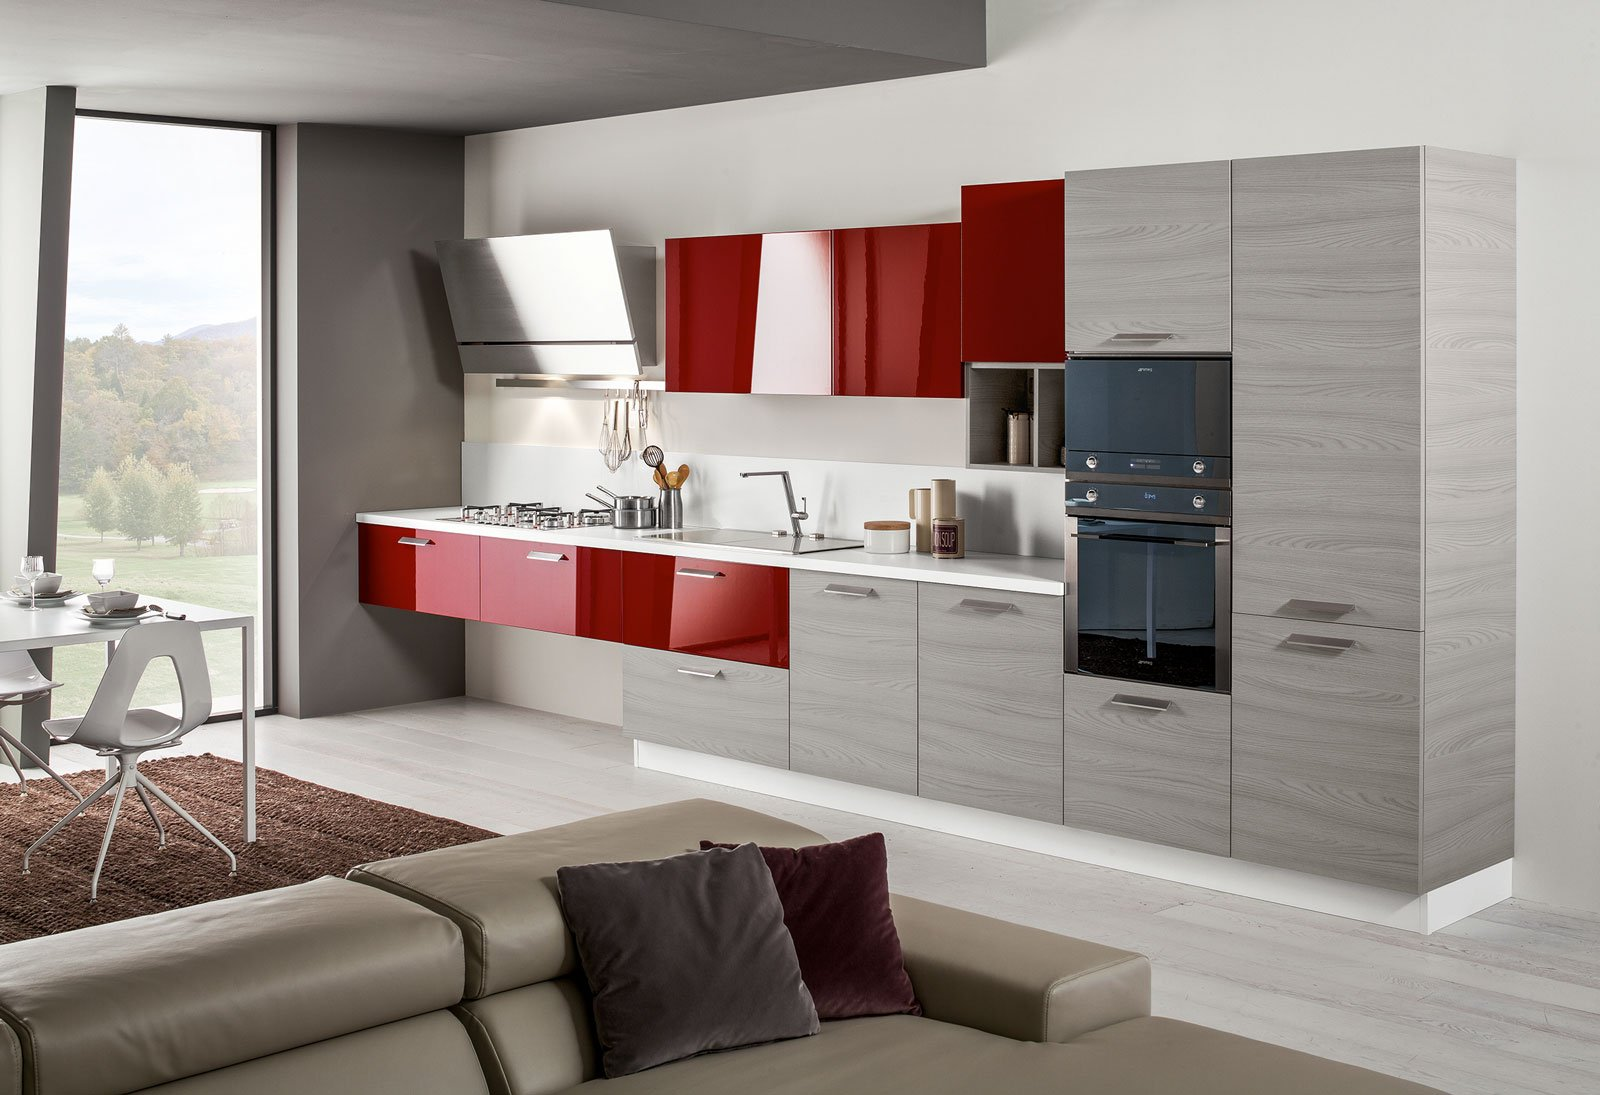 Cucine piccole composizioni compatte anche per il soggiorno cose di casa - Cucine angolari piccole dimensioni ...